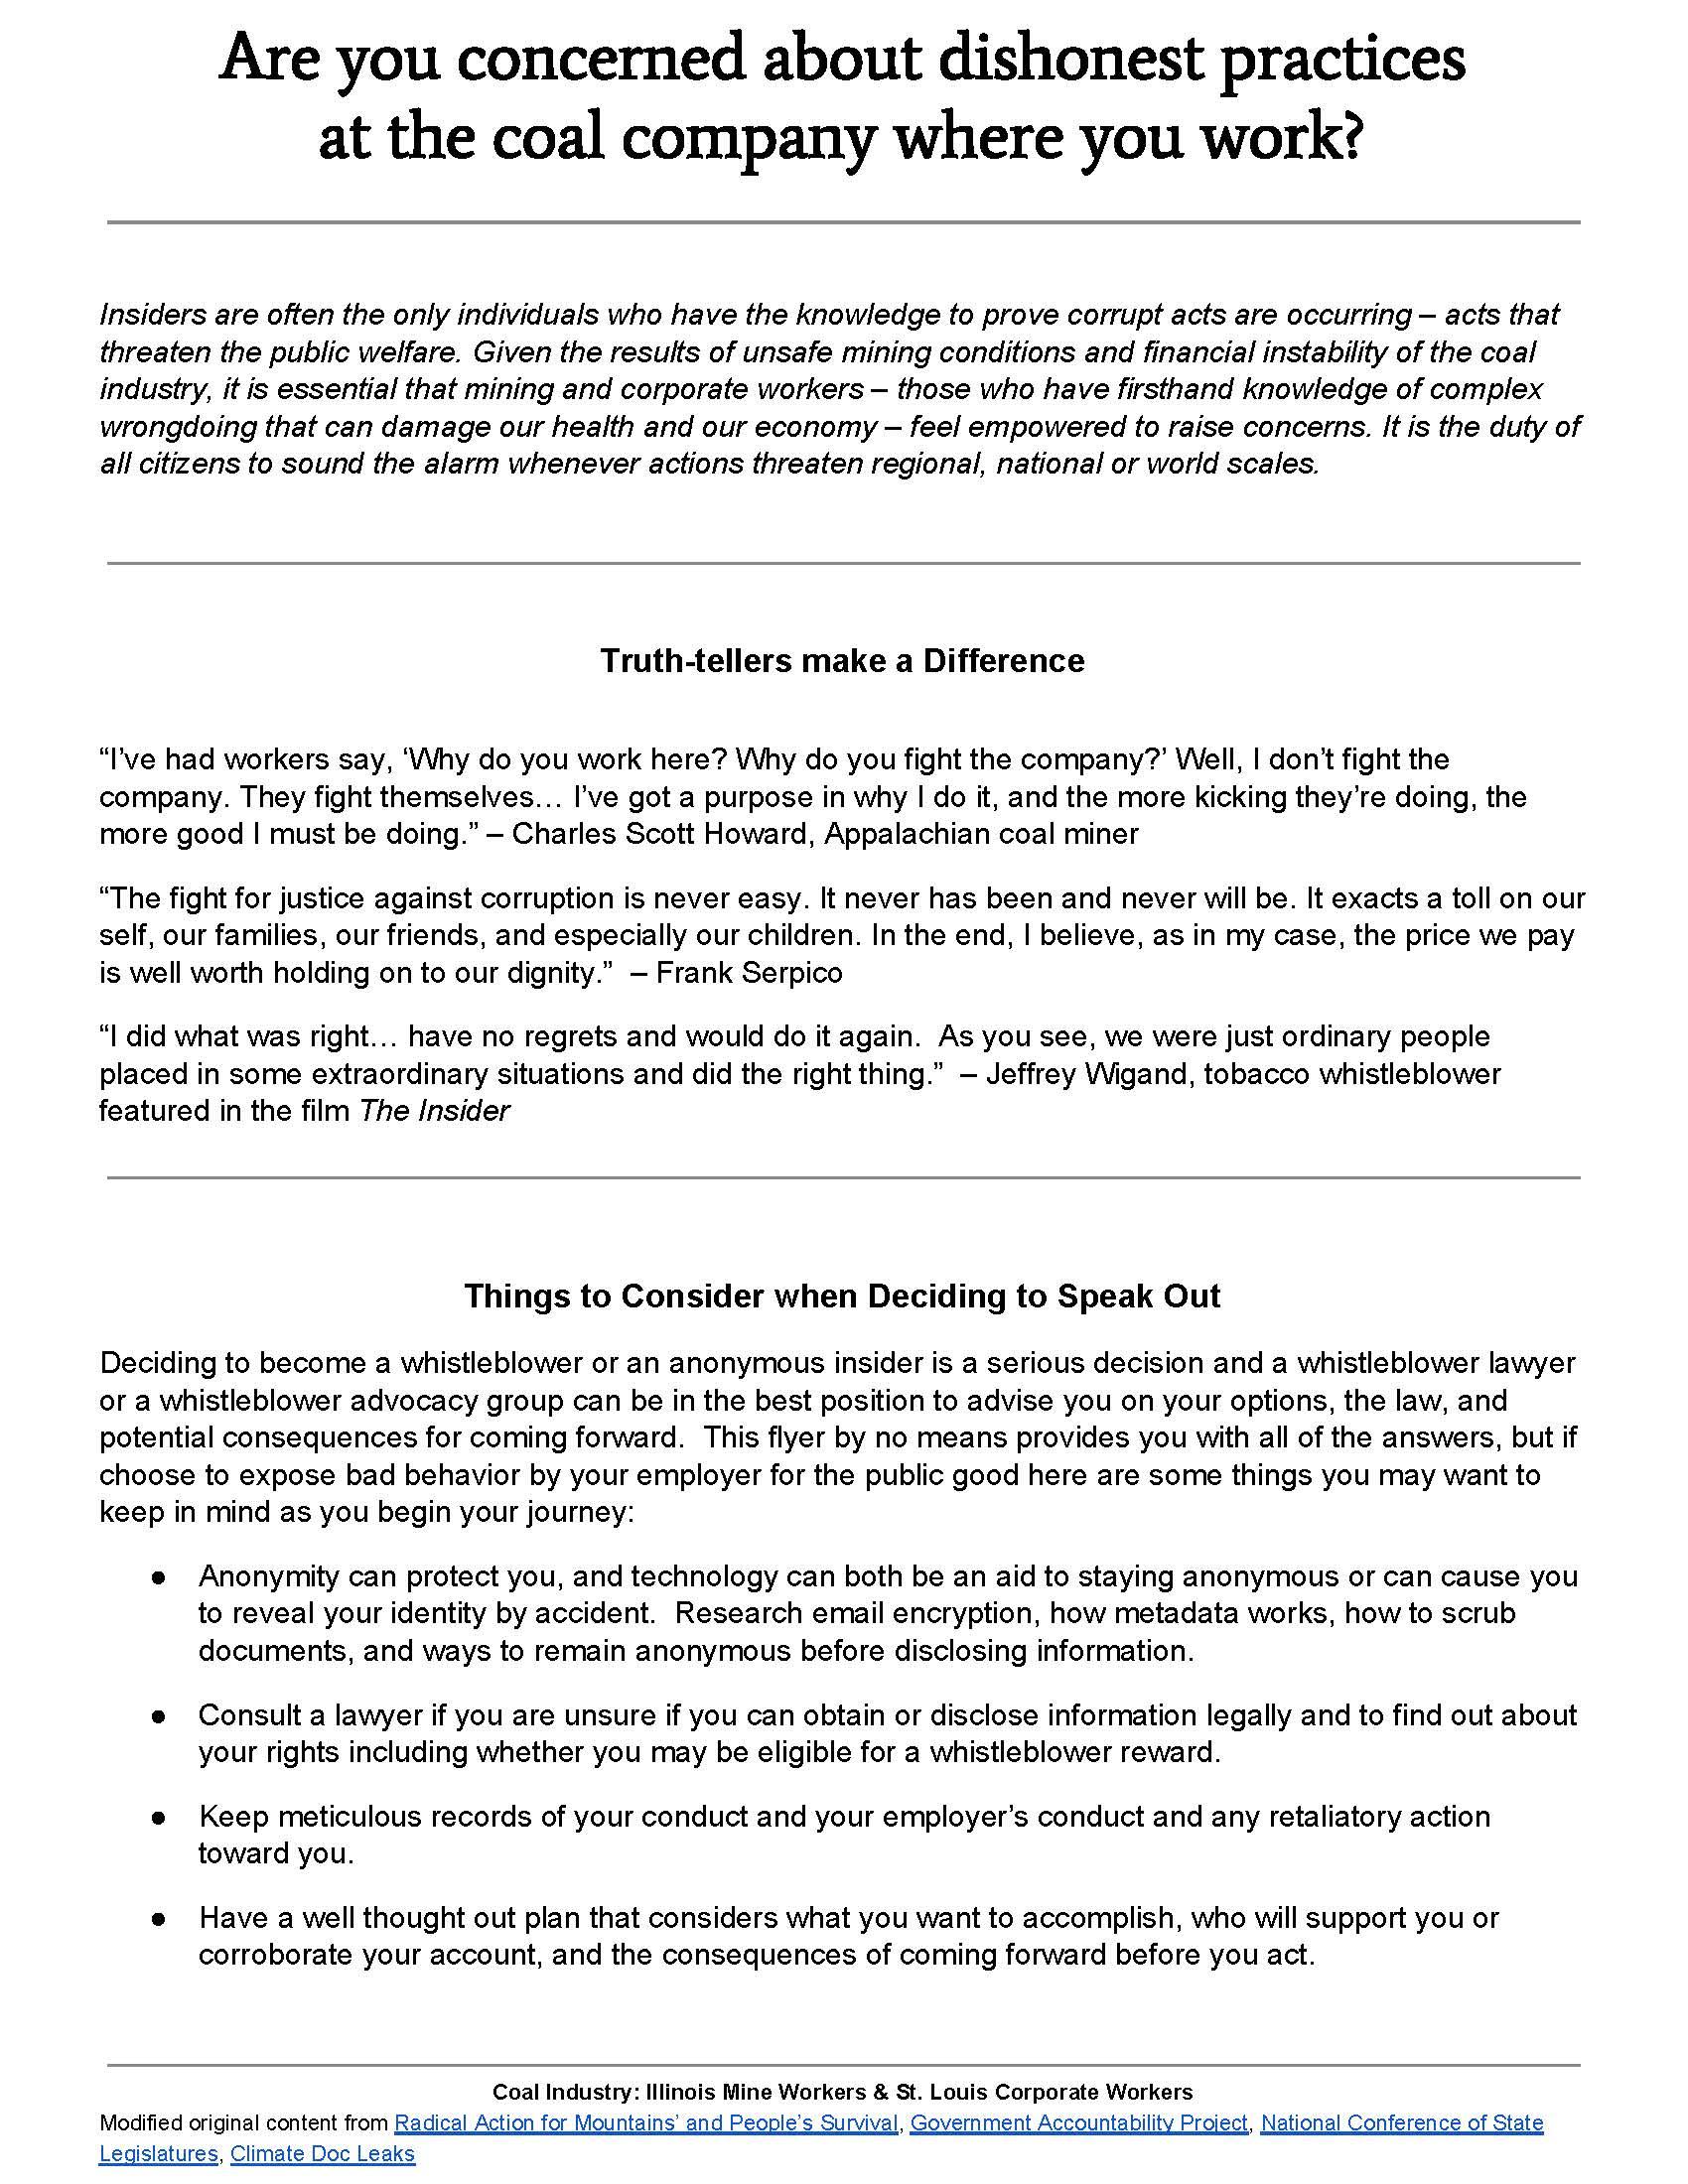 HowtoWhistleblowCoalIndustry(1)_Page_1.jpg